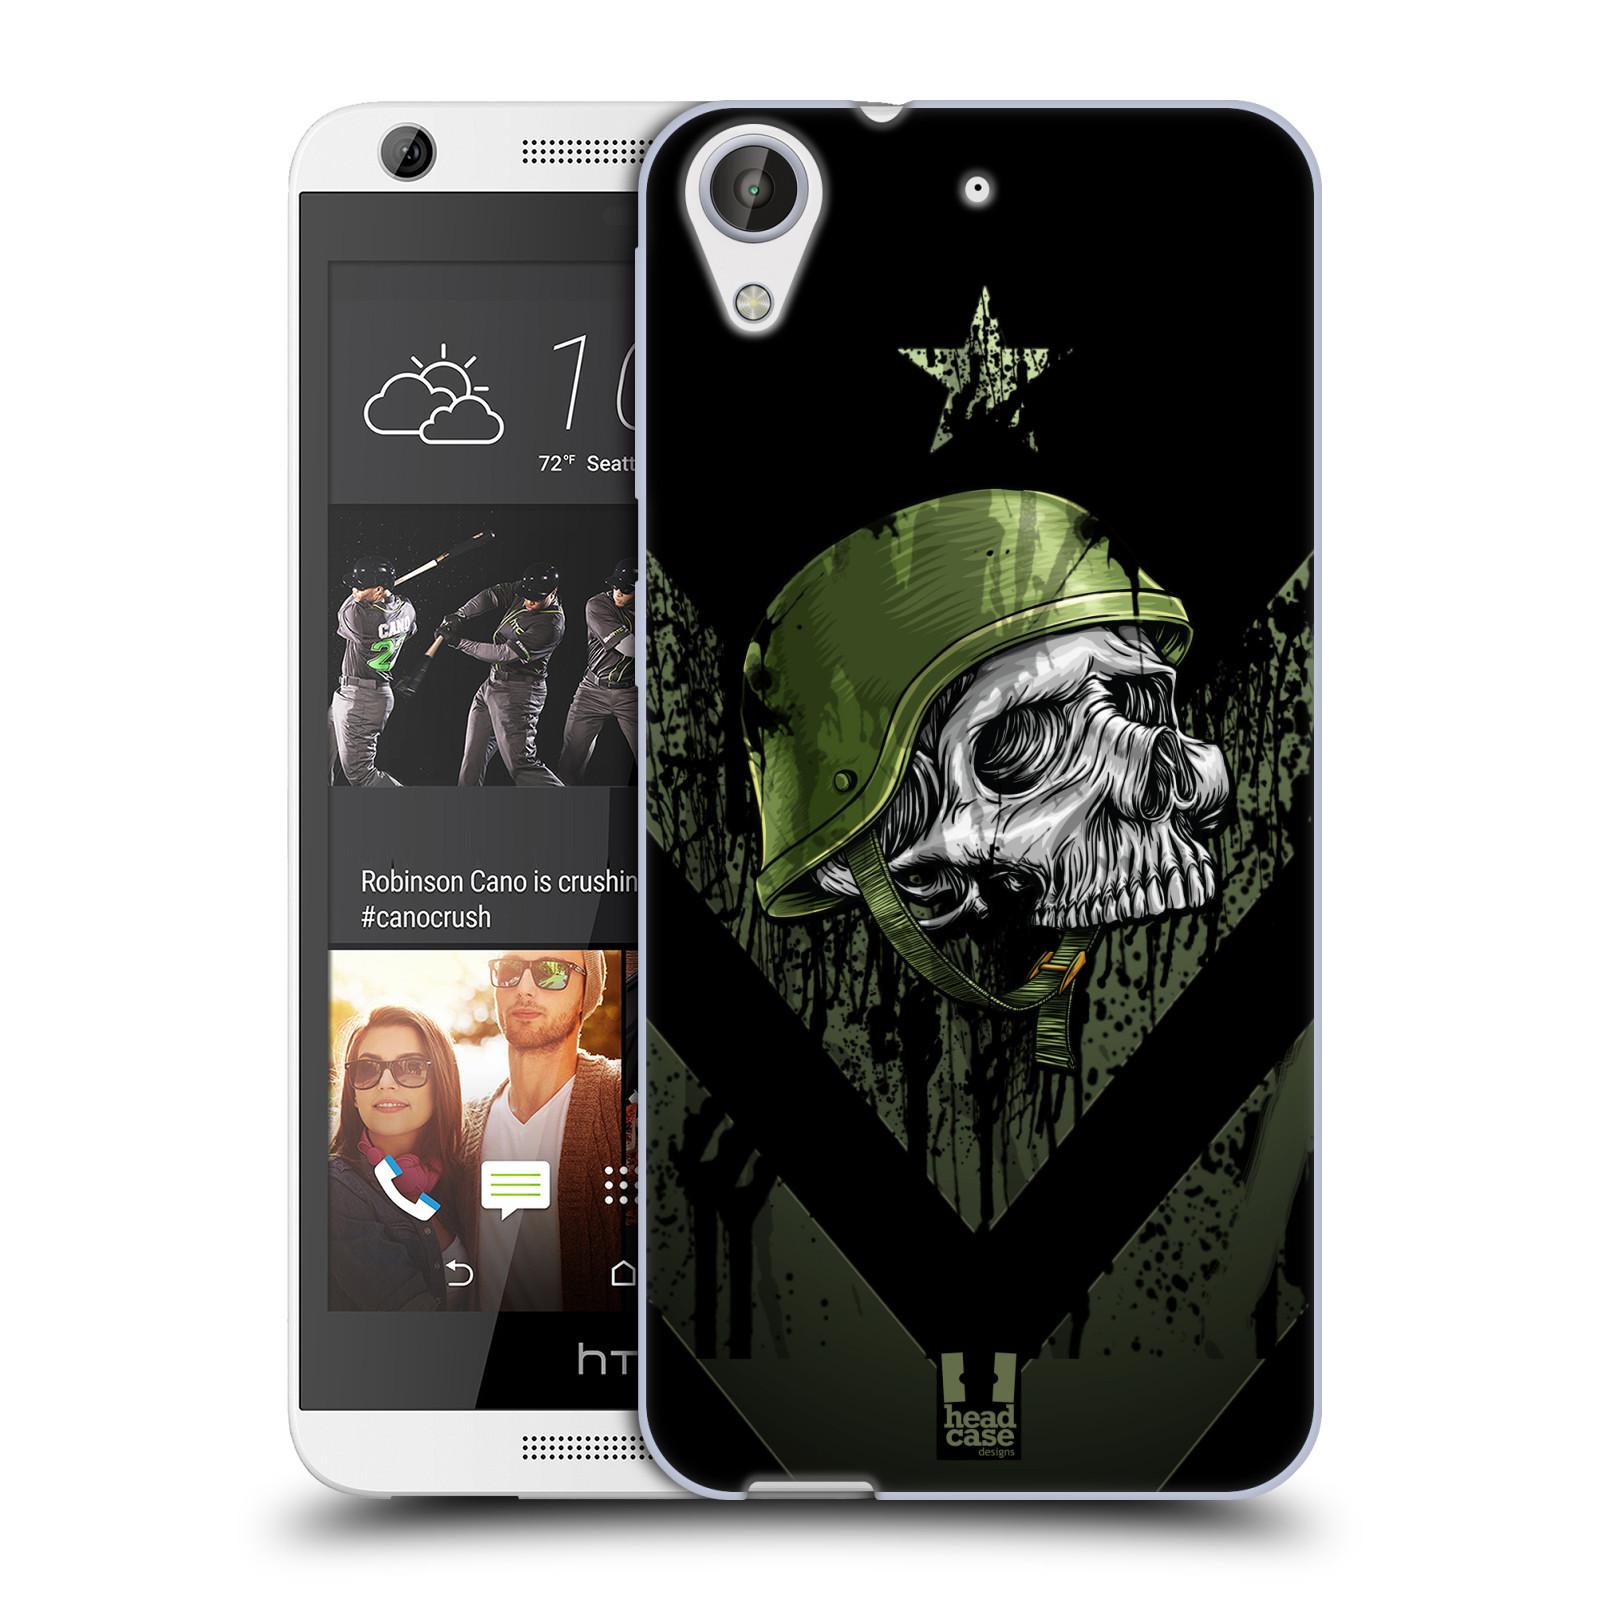 Silikonové pouzdro na mobil HTC Desire 626 / 626G HEAD CASE LEBKA ONE MAN (Silikonový kryt či obal na mobilní telefon HTC Desire 626 a 626G Dual SIM)